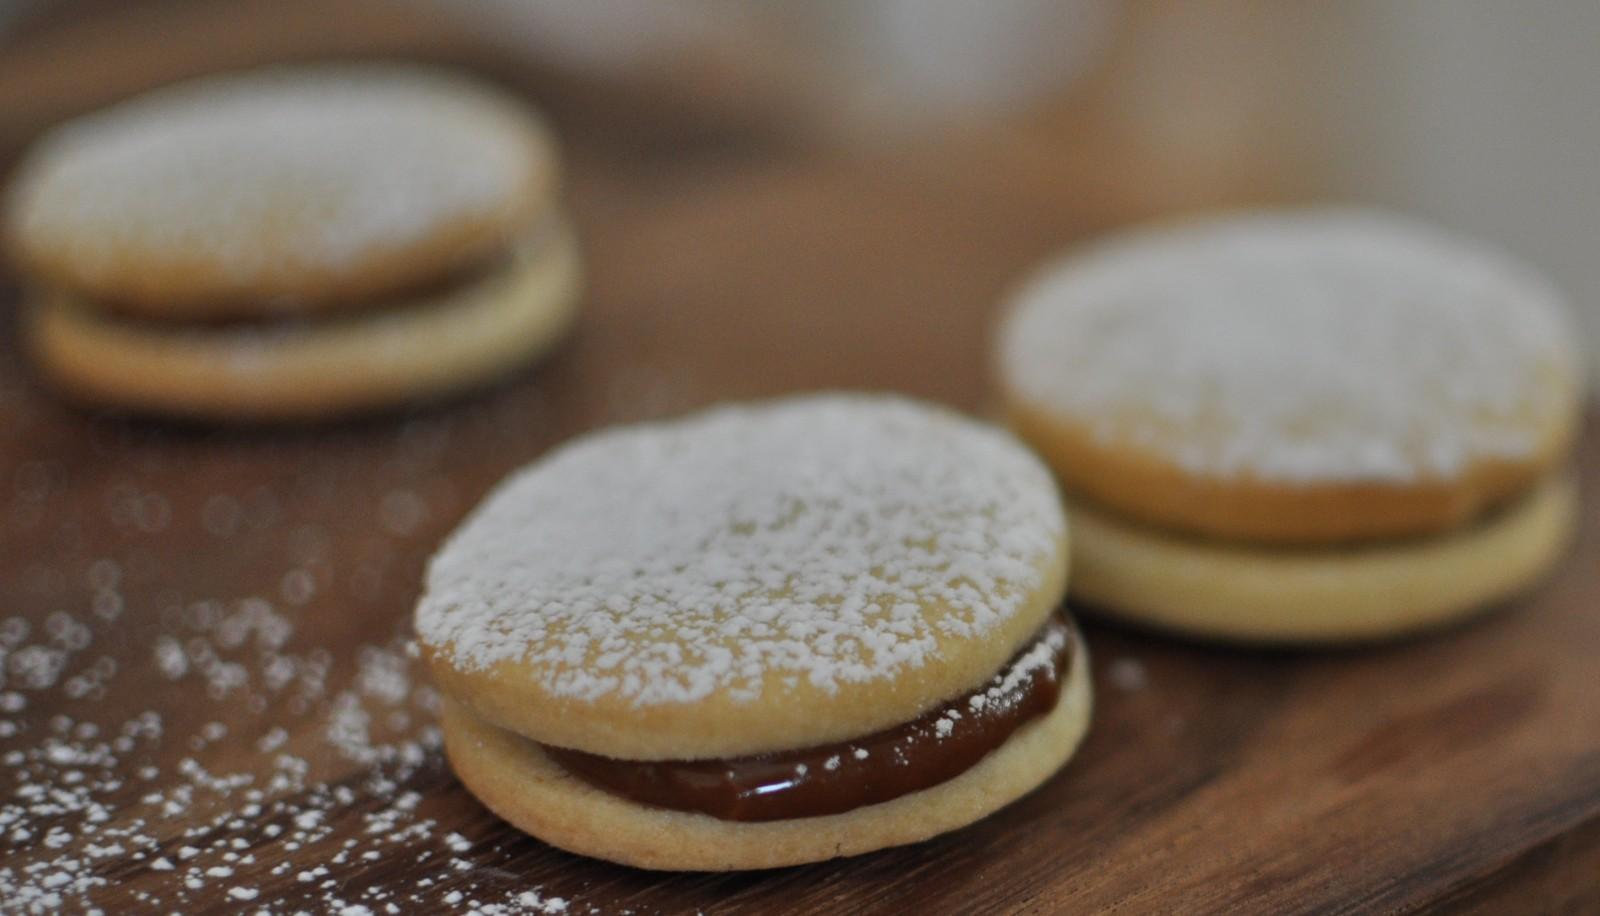 Alfajores – Argentinian dulce de leche sandwich cookies